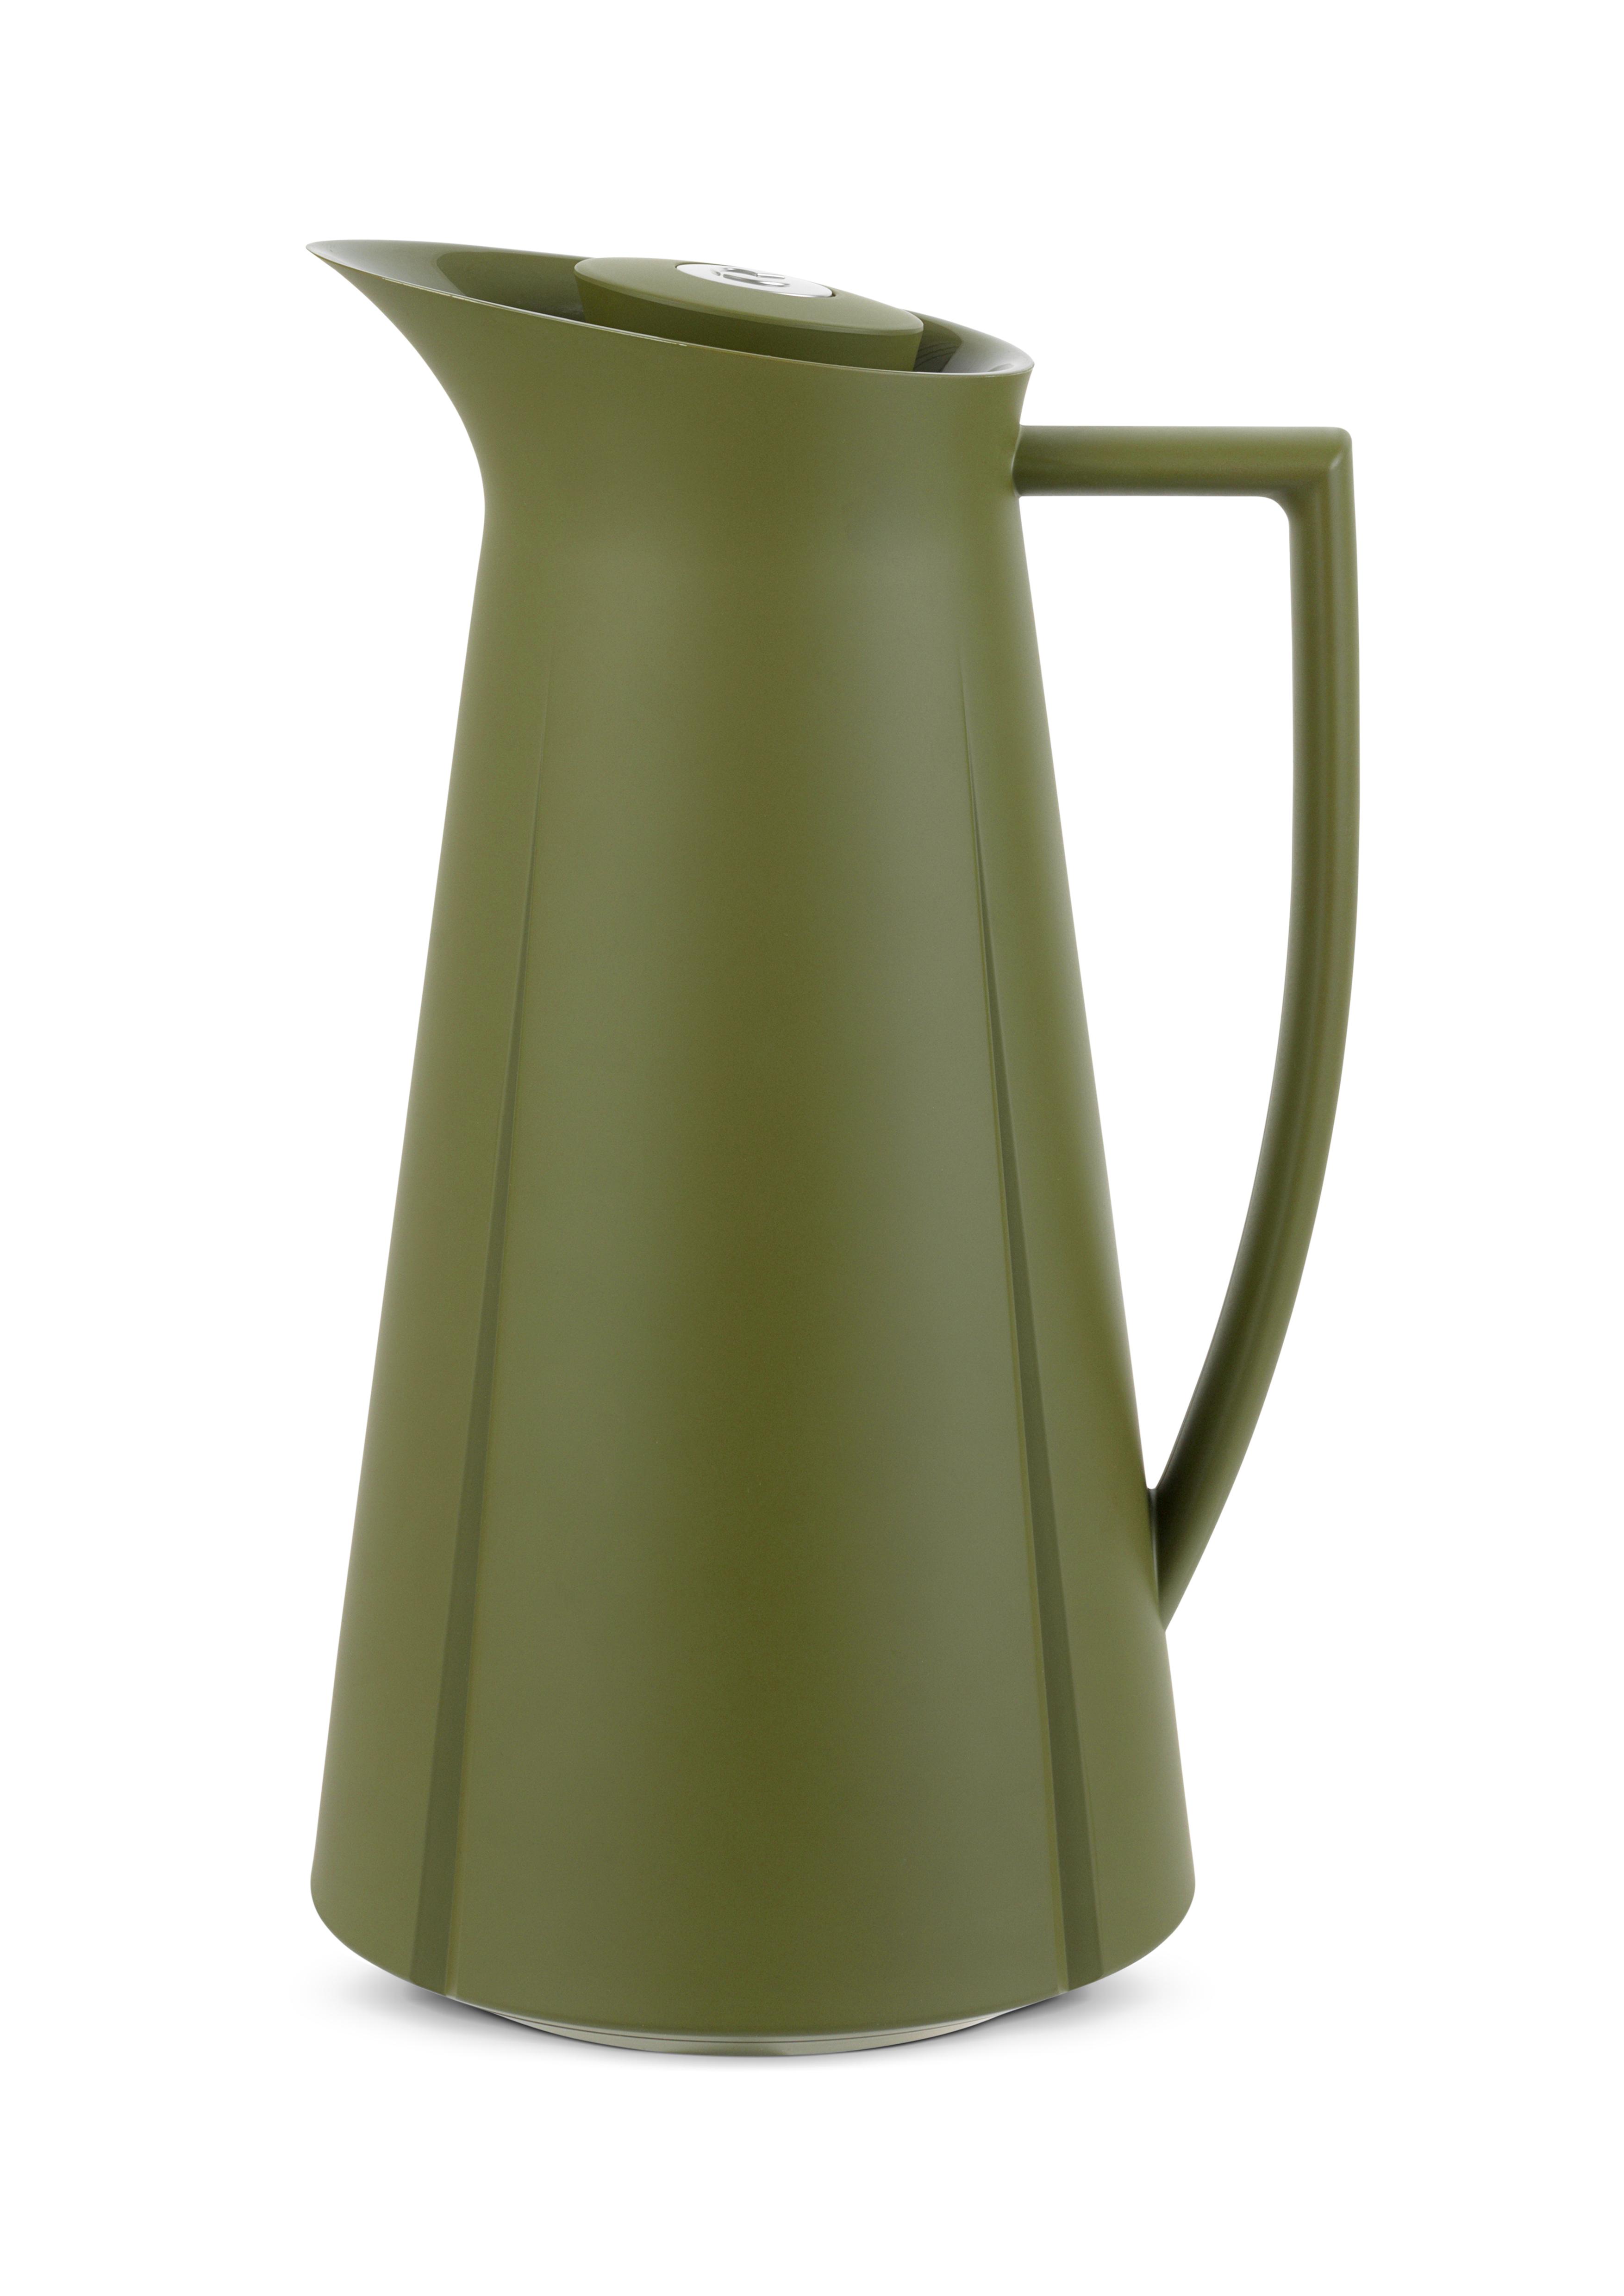 Rosendahl Grand Cru termokande, 1 liter, olivengrøn